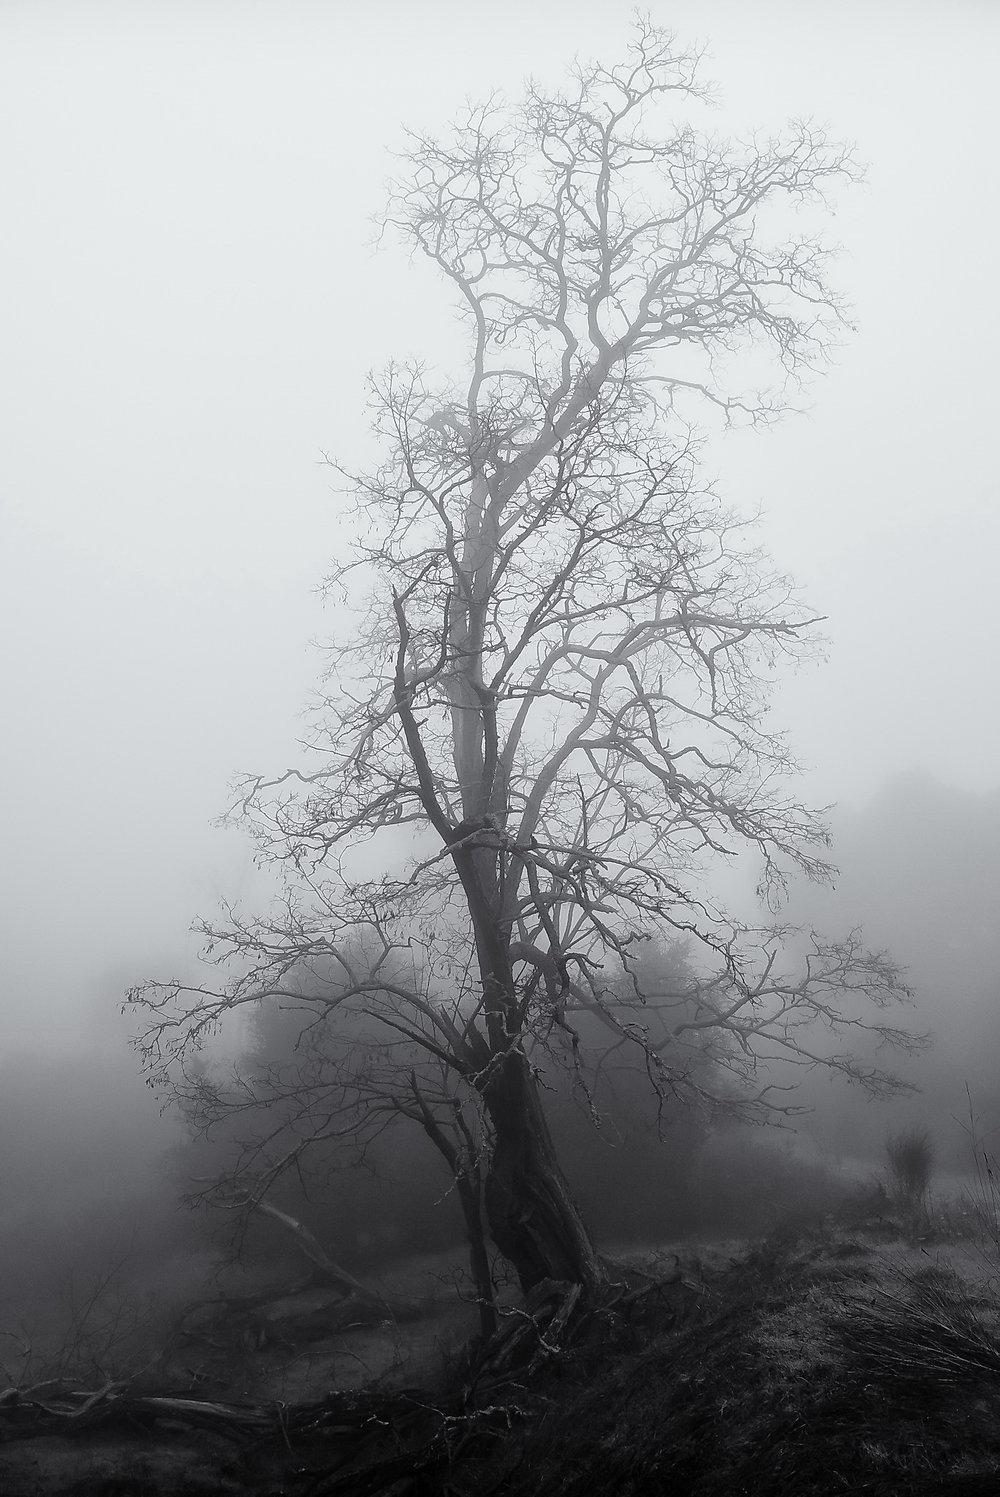 Tree in Winter Fog